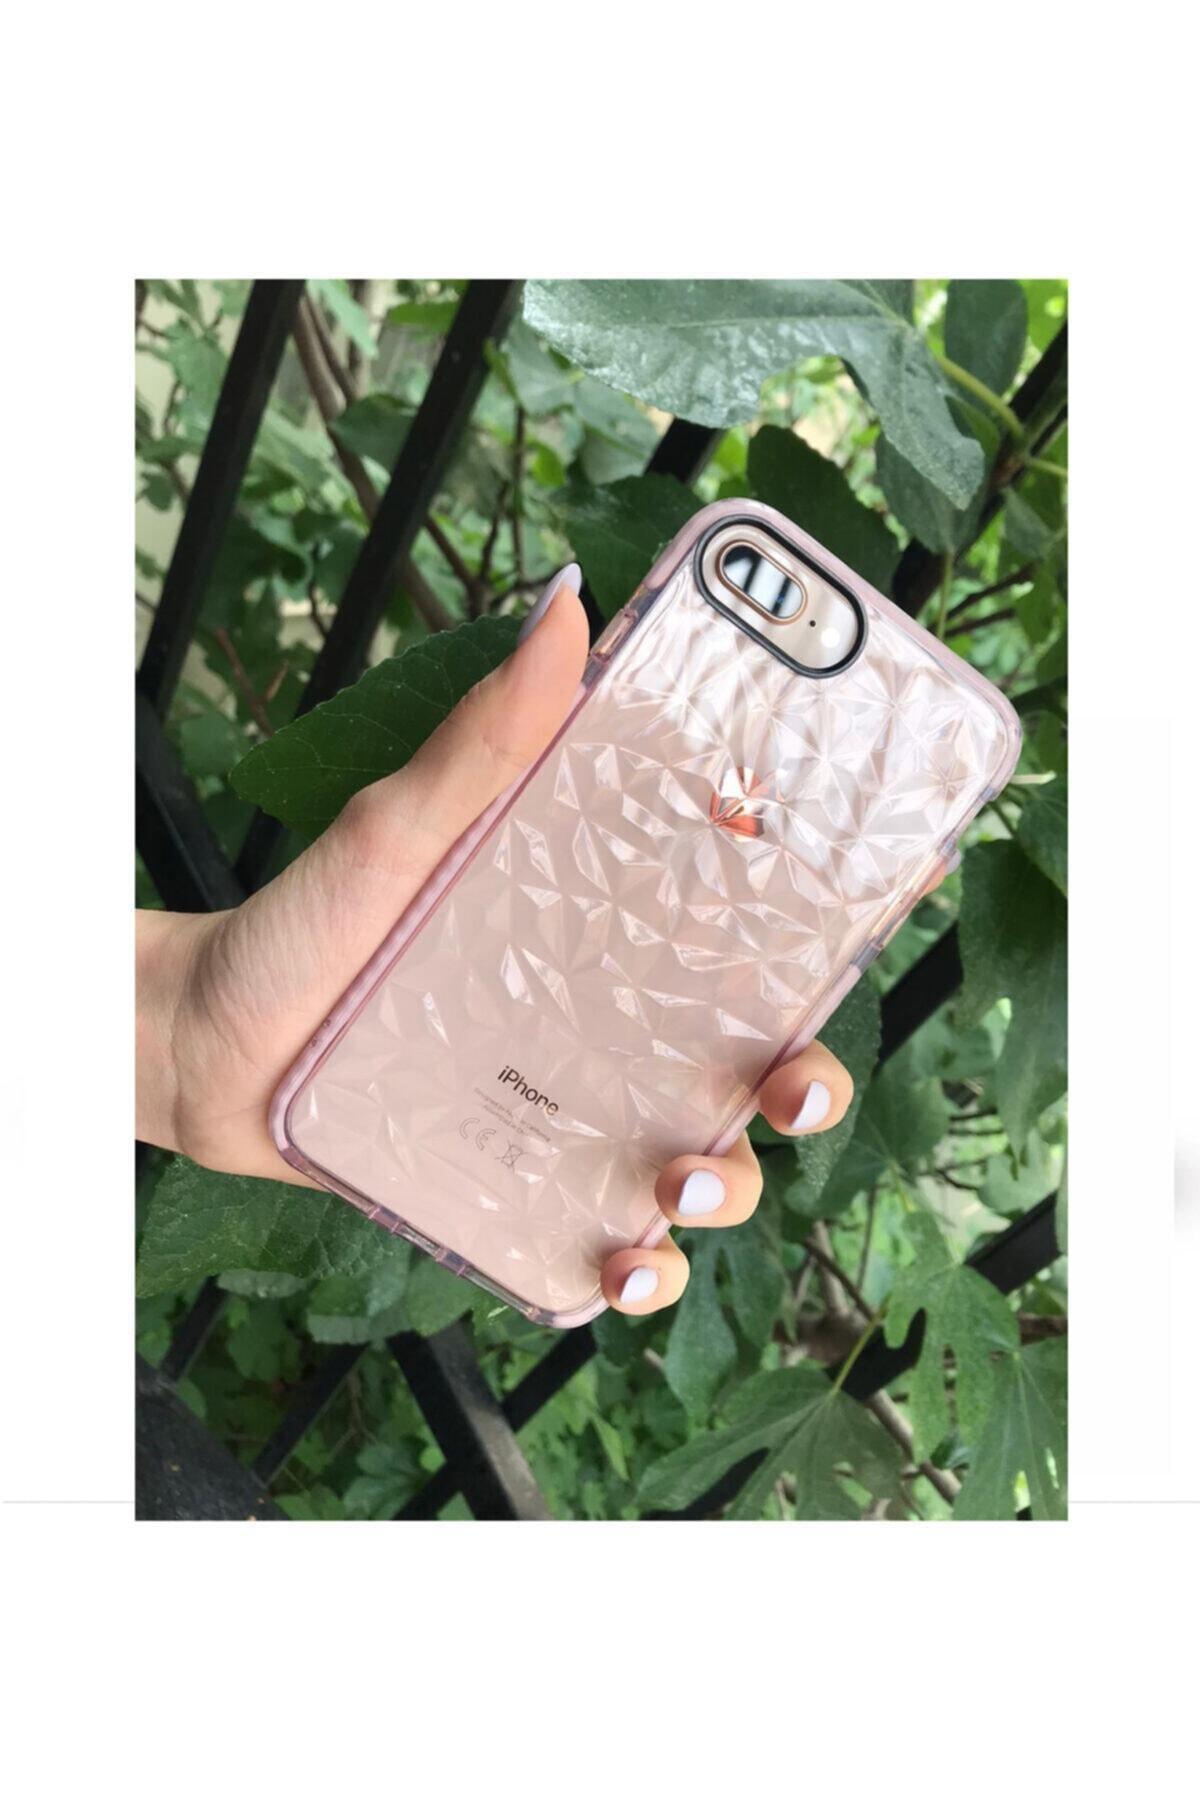 Kılıfsiparis Iphone 7 Plus / 8 Plus Uyumlu Pembe Renkli Darbe Önleyici Silikon Kılıf 1